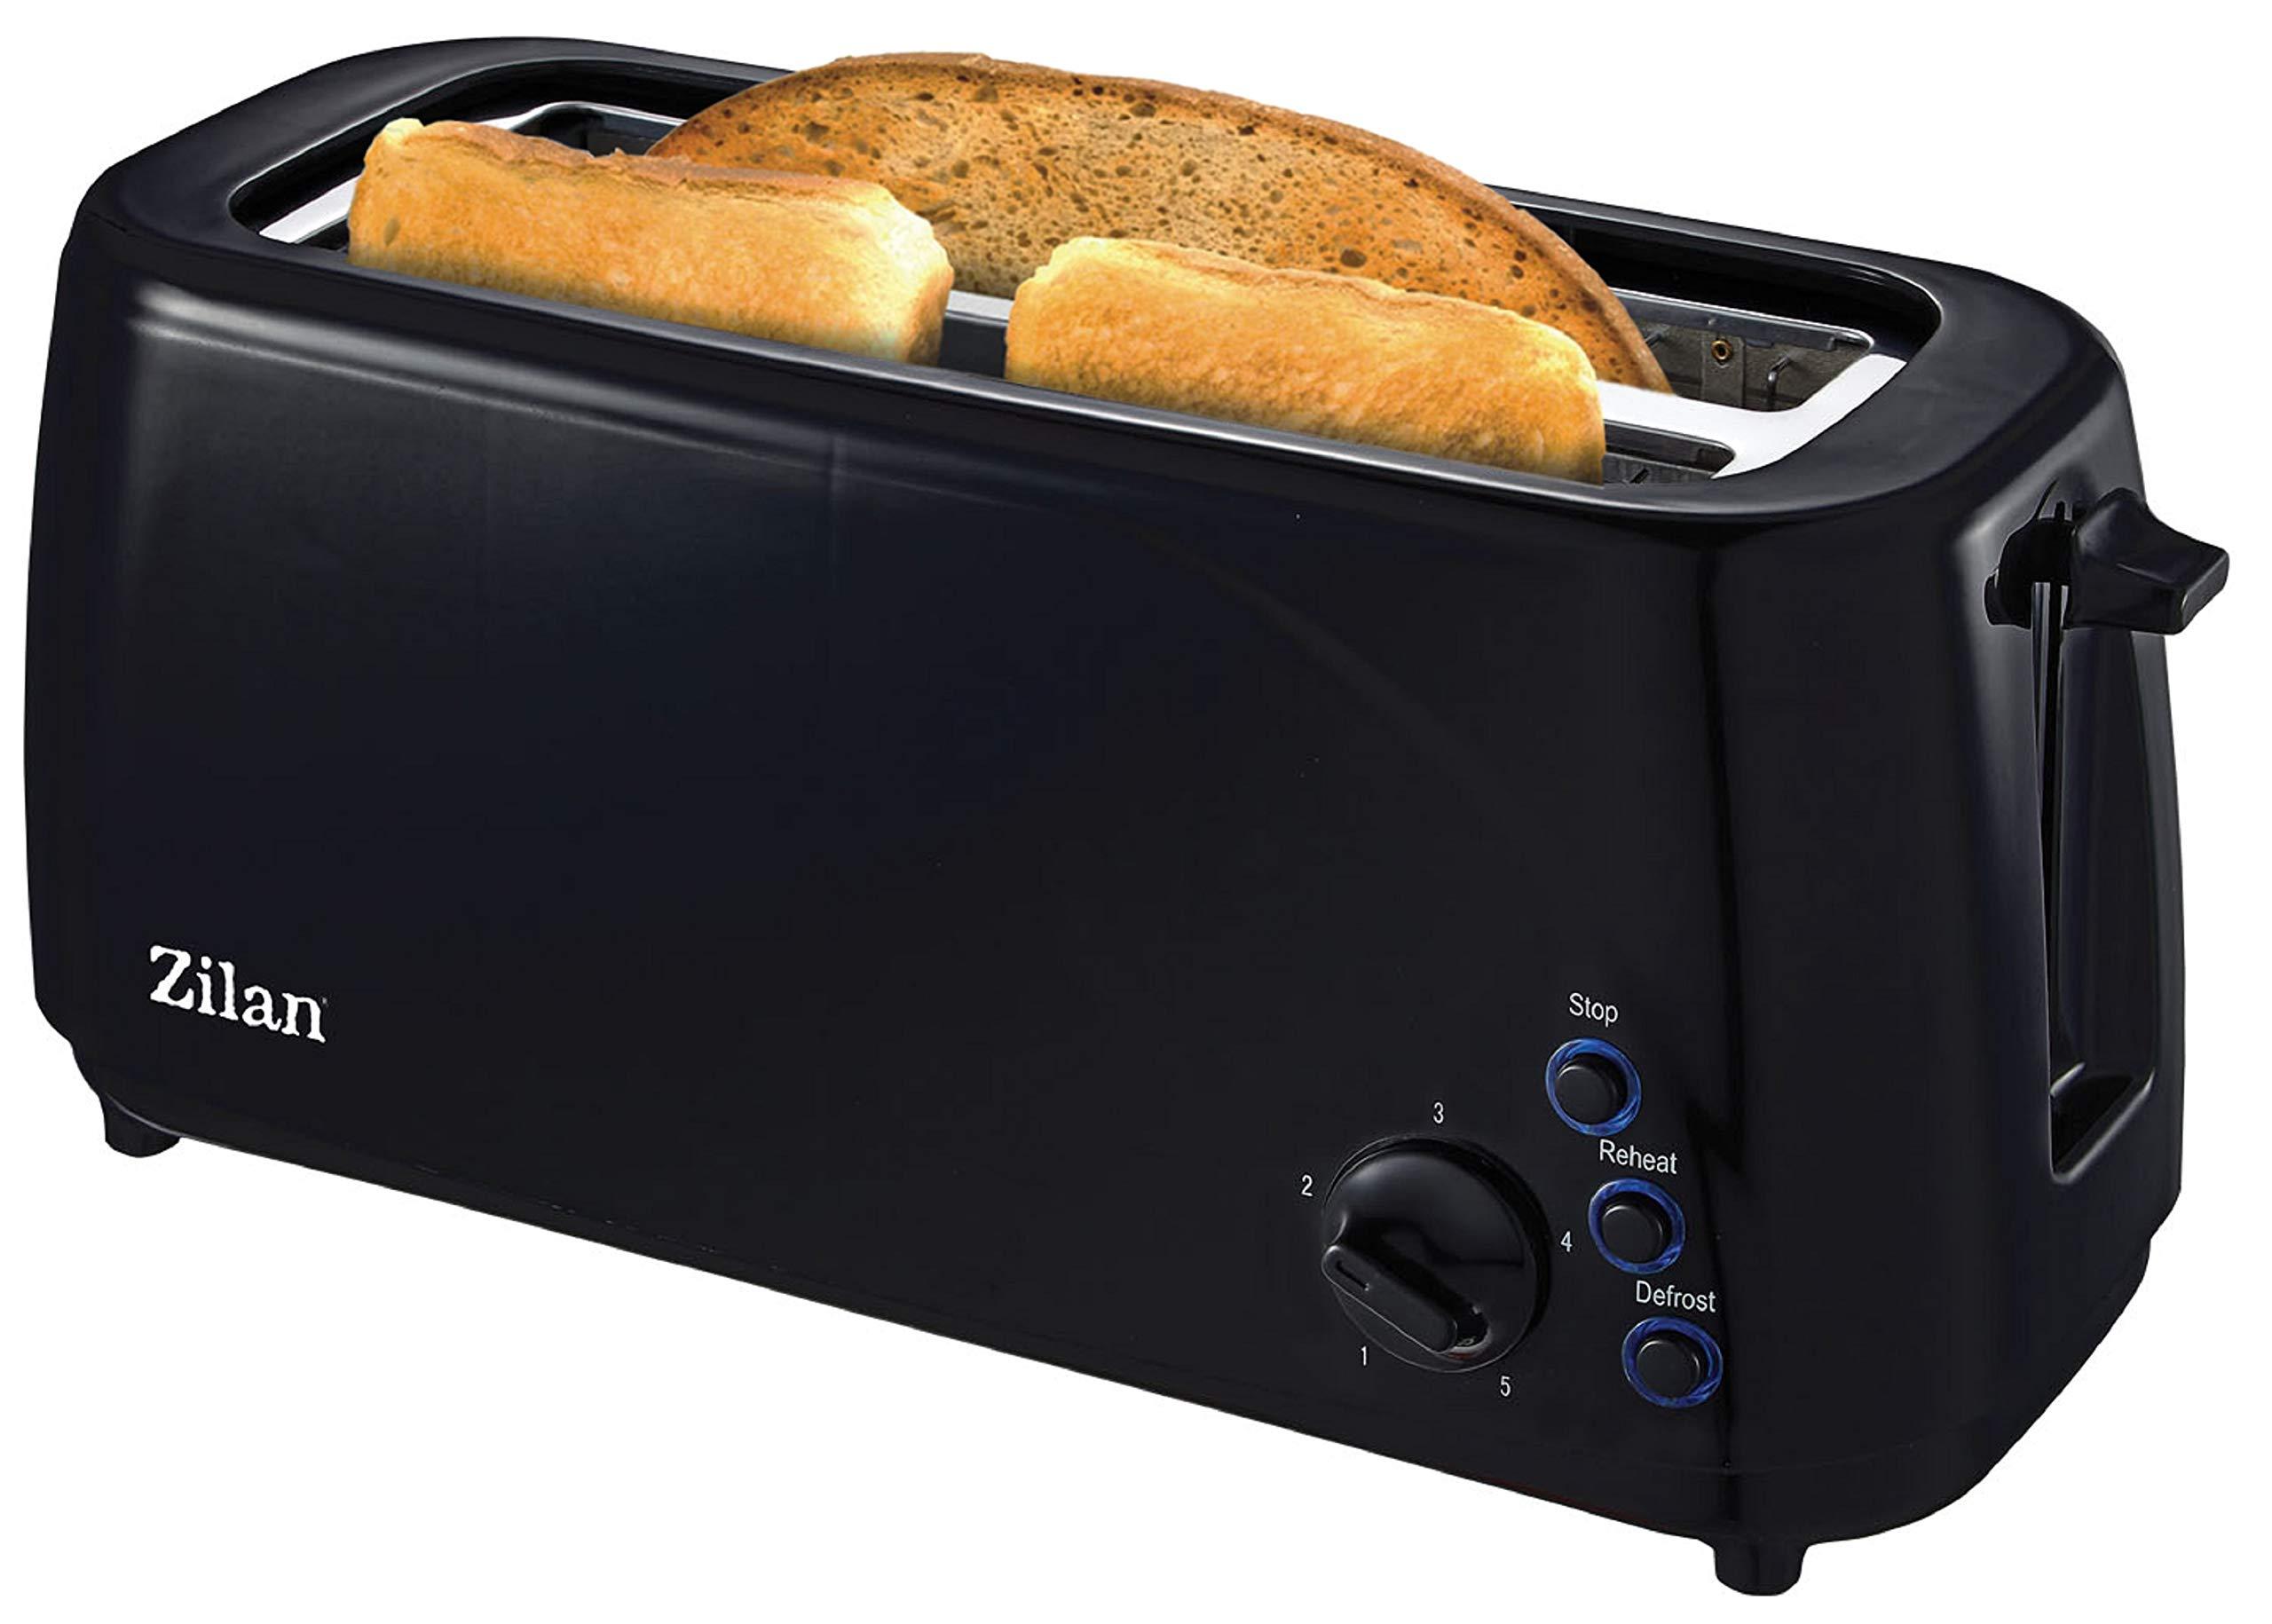 Toaster-Langschlitz-1400-Watt-4-Scheiben-Toastautomat-5-Stufen-Bruneregler-XXL-Toaster-Brtchenaufsatz-Auftau-Funktion-Krmmelschublade-Schwarz